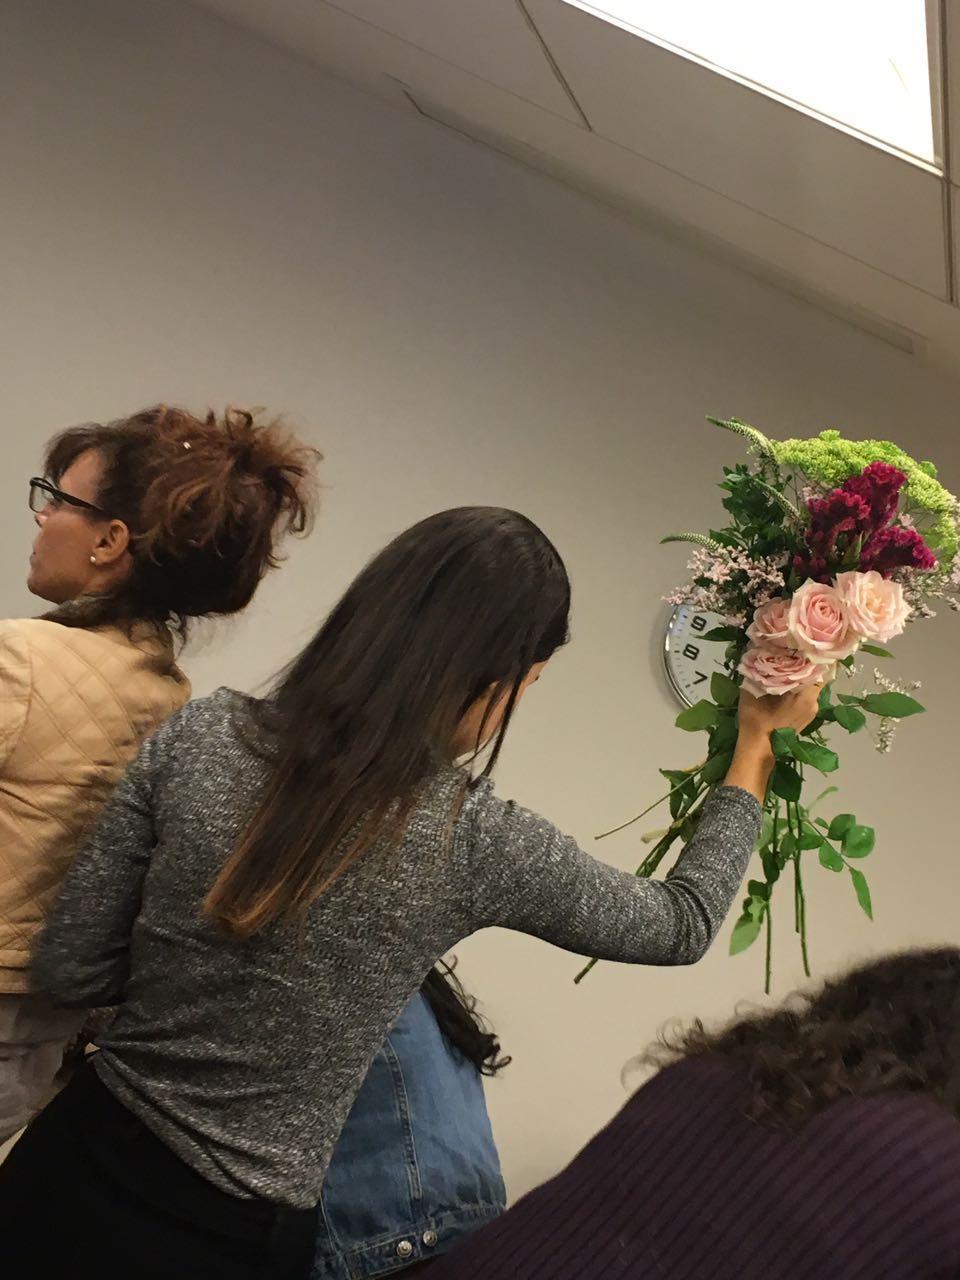 גלרייה - שזירת פרחים - קורס עיצוב ניהול והפקת אירועים מחזור 15, 4 מתוך 22